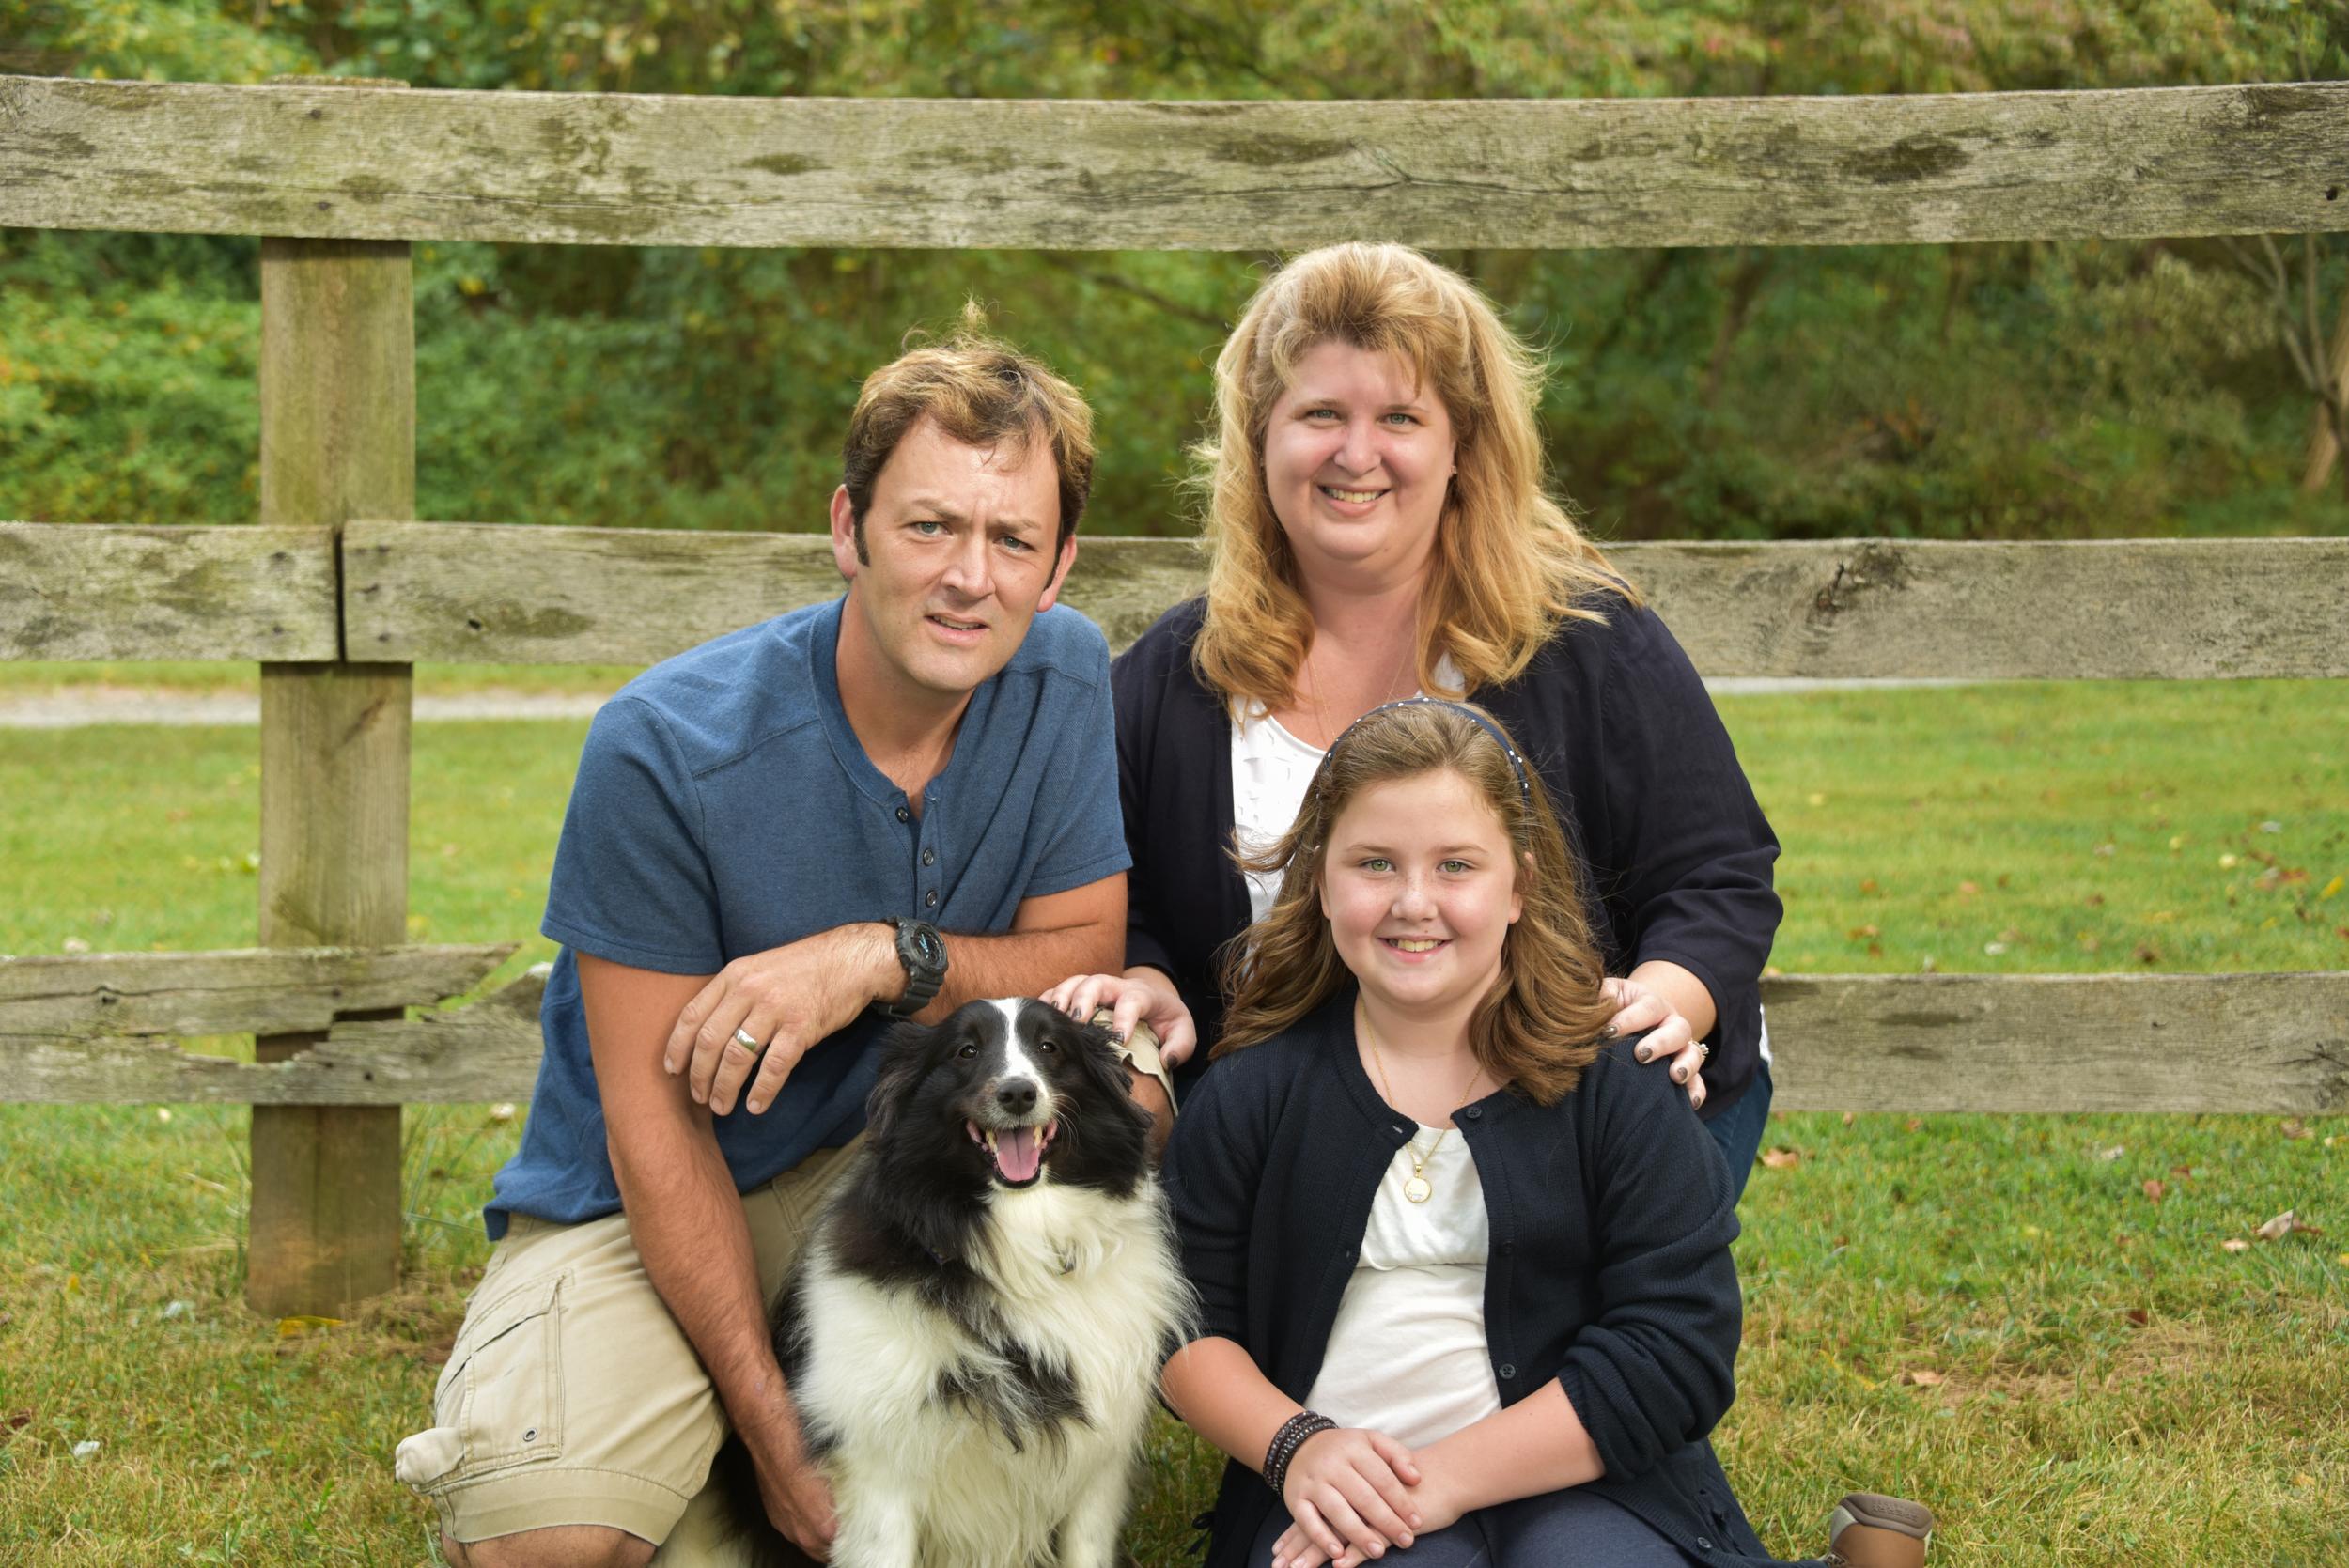 Ledford_family-89.jpg